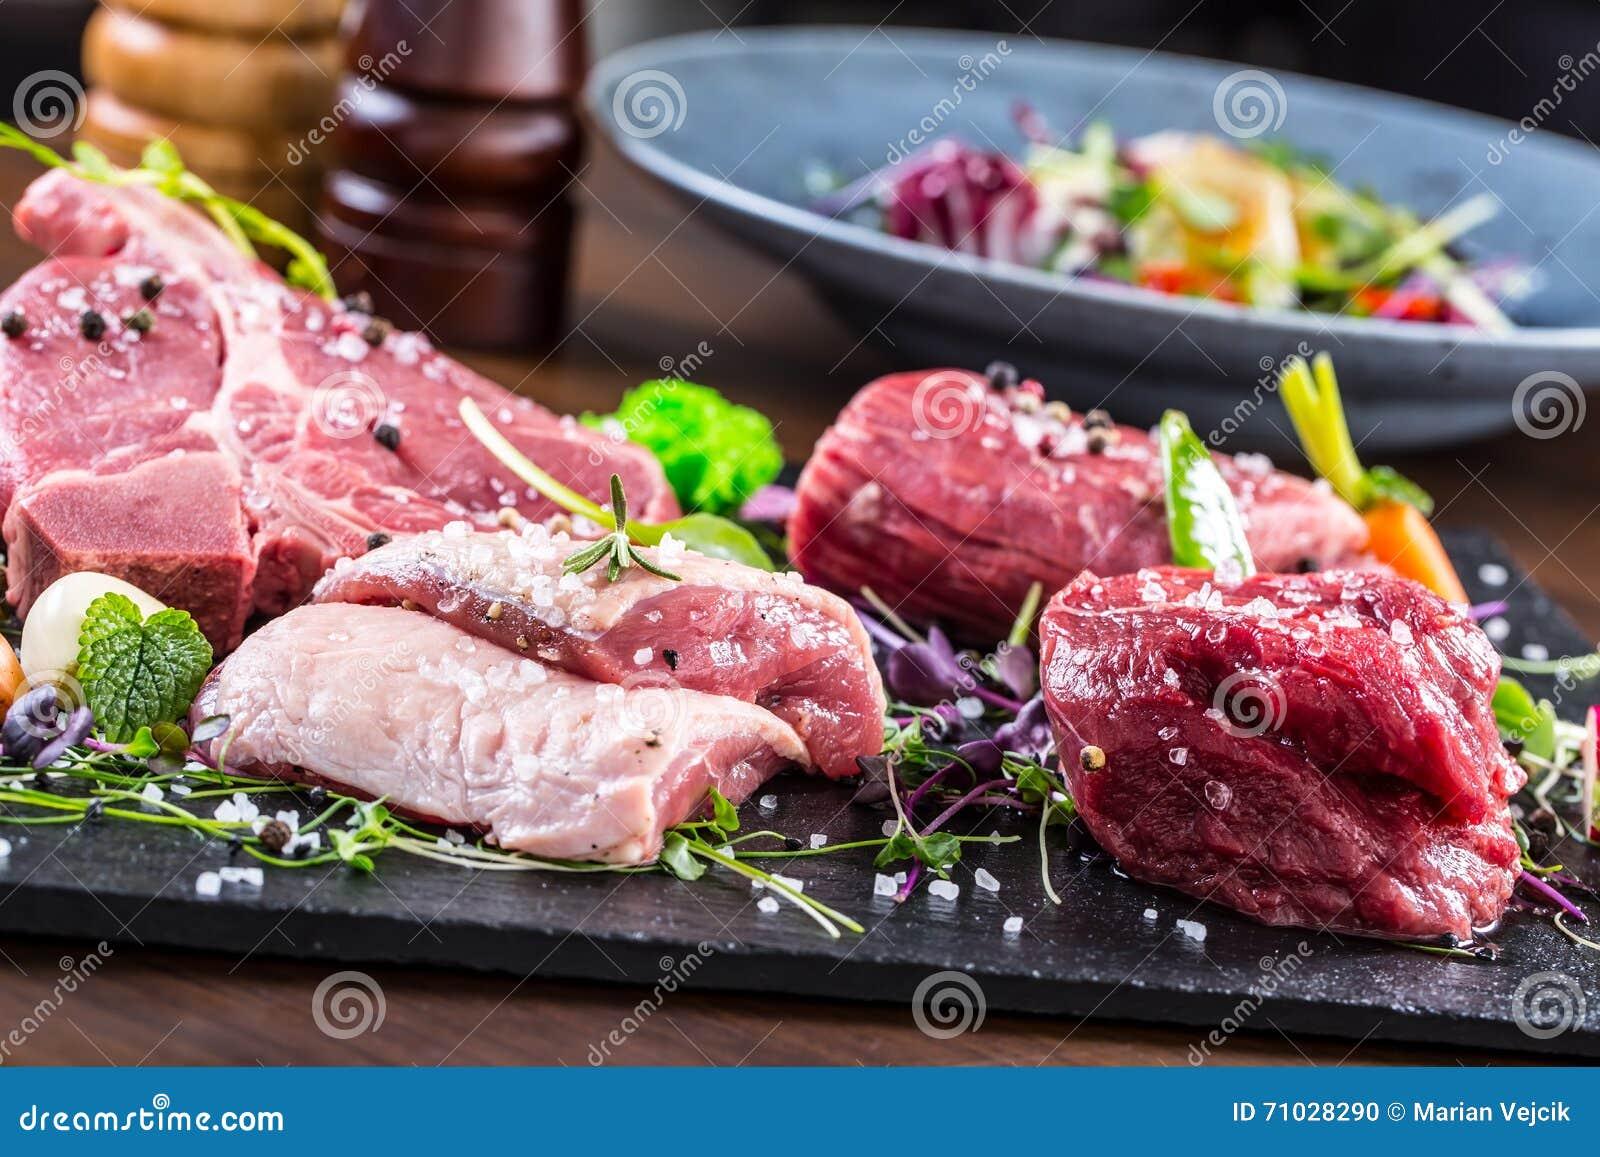 Steak.Beef steak.Meat.Portioned meat.Raw fresh meat.Sirloin steak.T-Bone steak. Flank steak. Duck breast. Vegetable decoration.